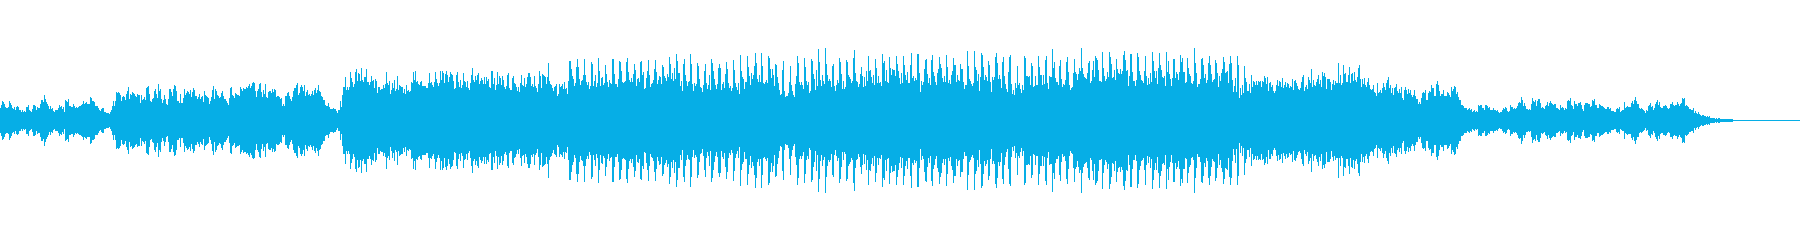 神秘的で響きがかっこいいメロディーの再生済みの波形